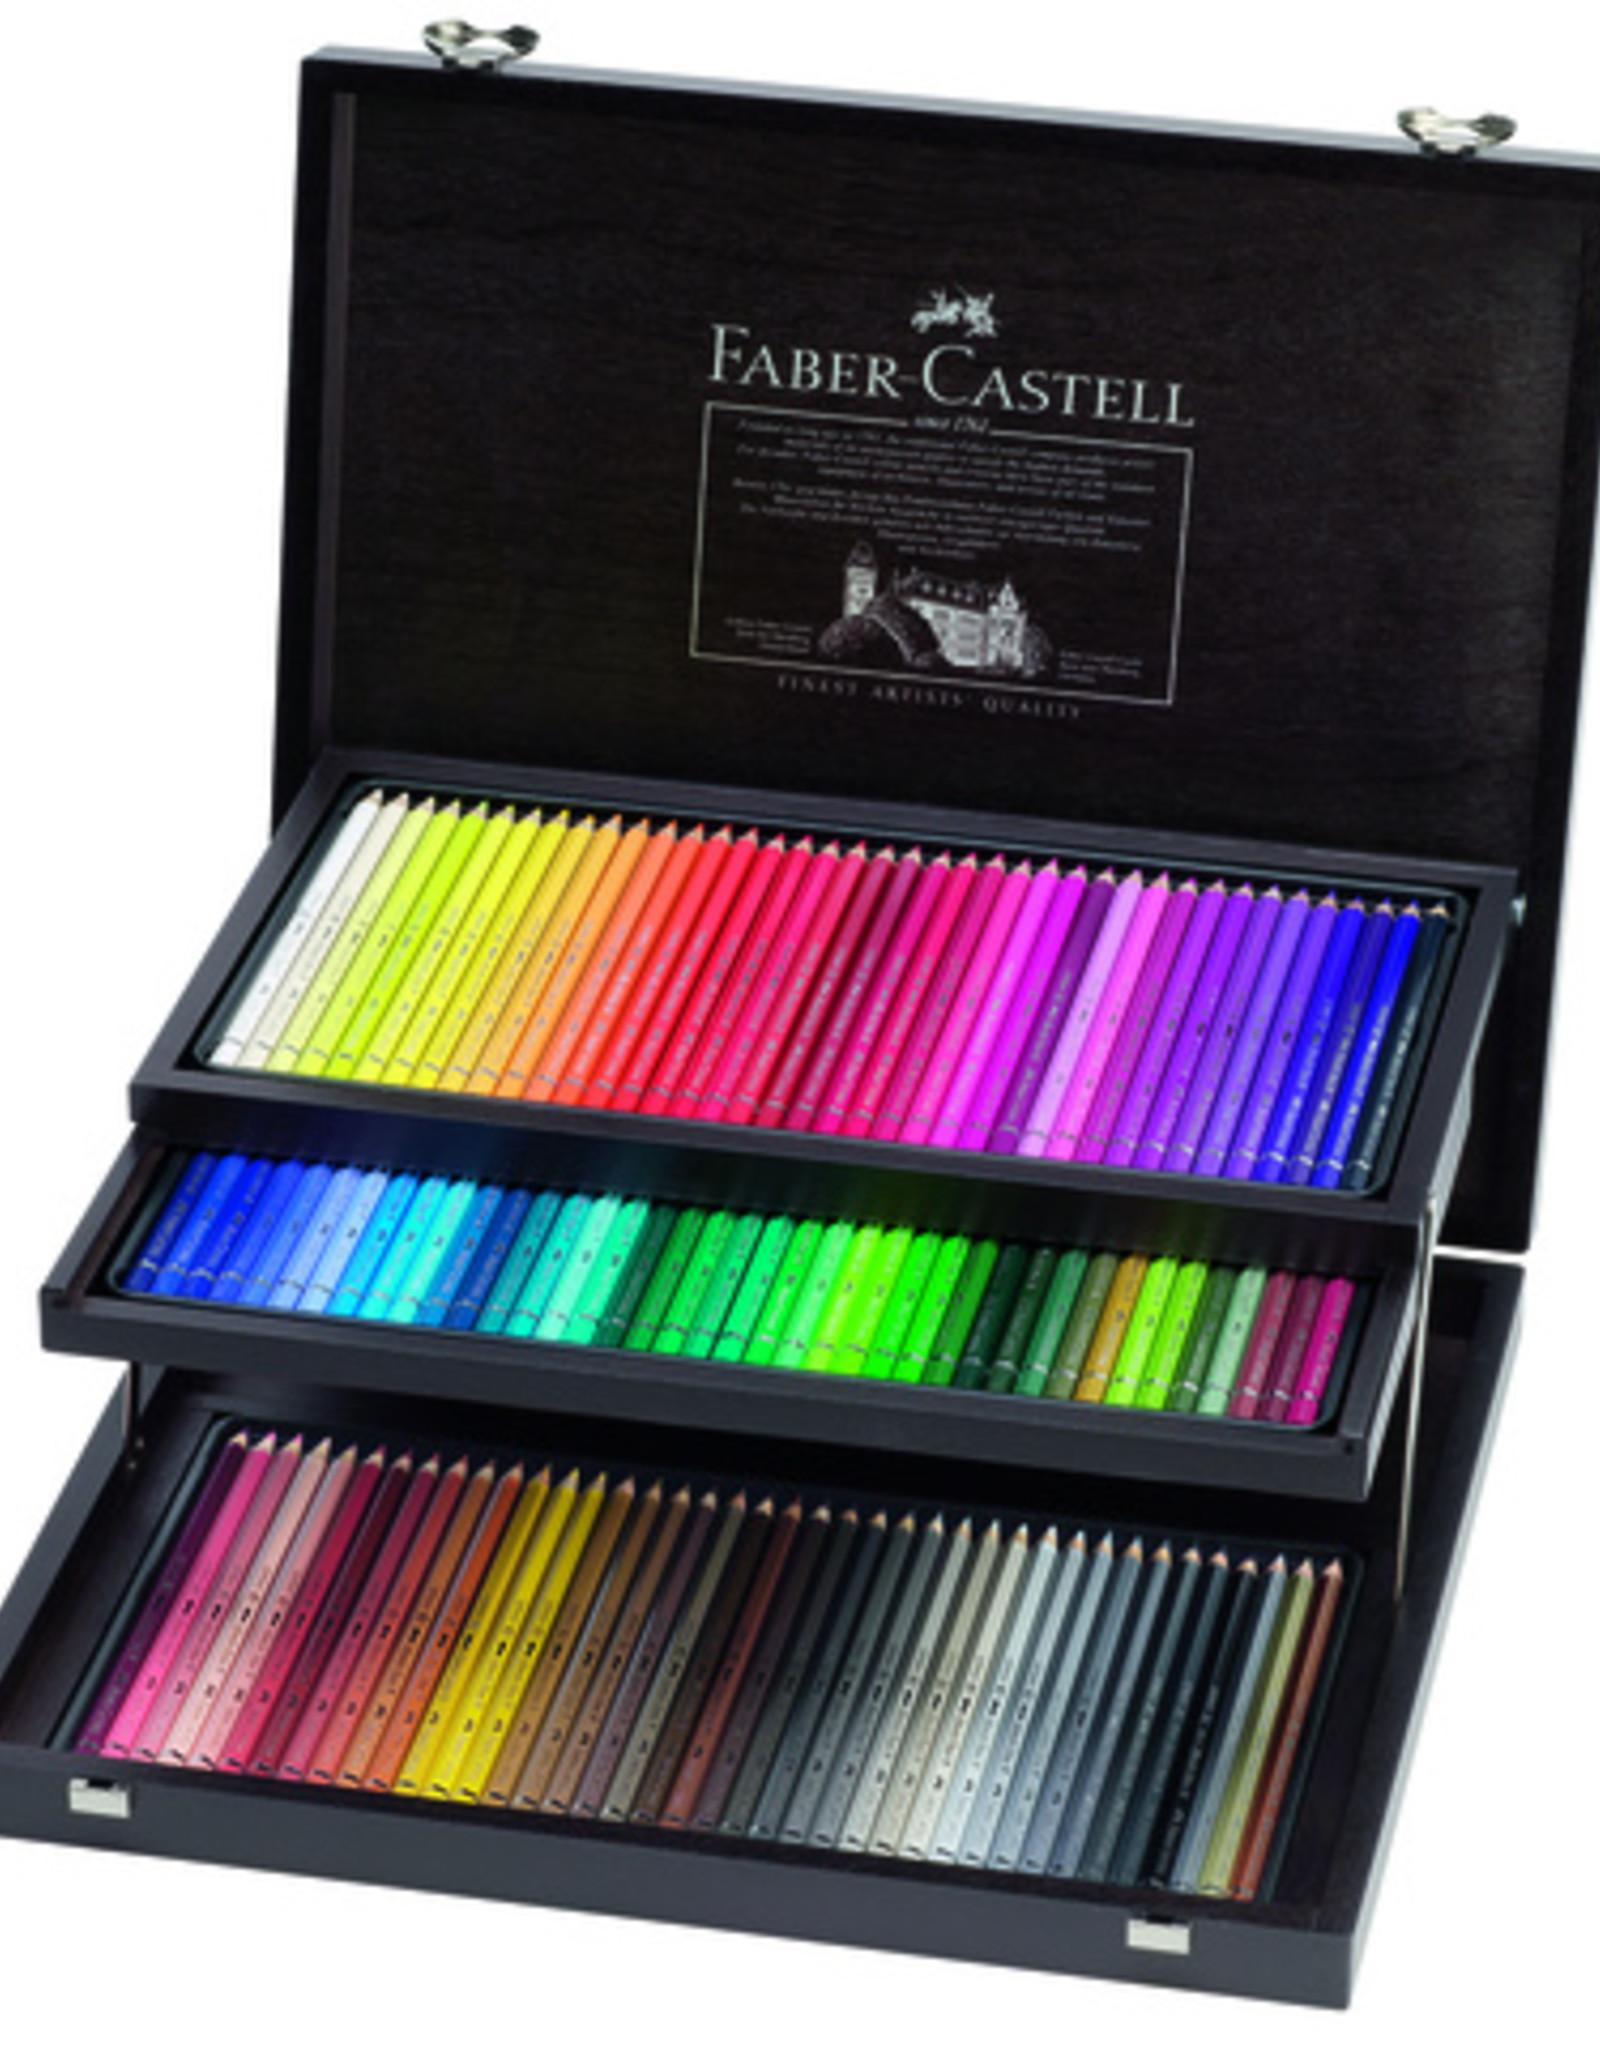 Faber-Castel Aquarelpotloden 'Prof'set  120 stuks luxe houten kist Faber Castell 'Albrecht Durer'